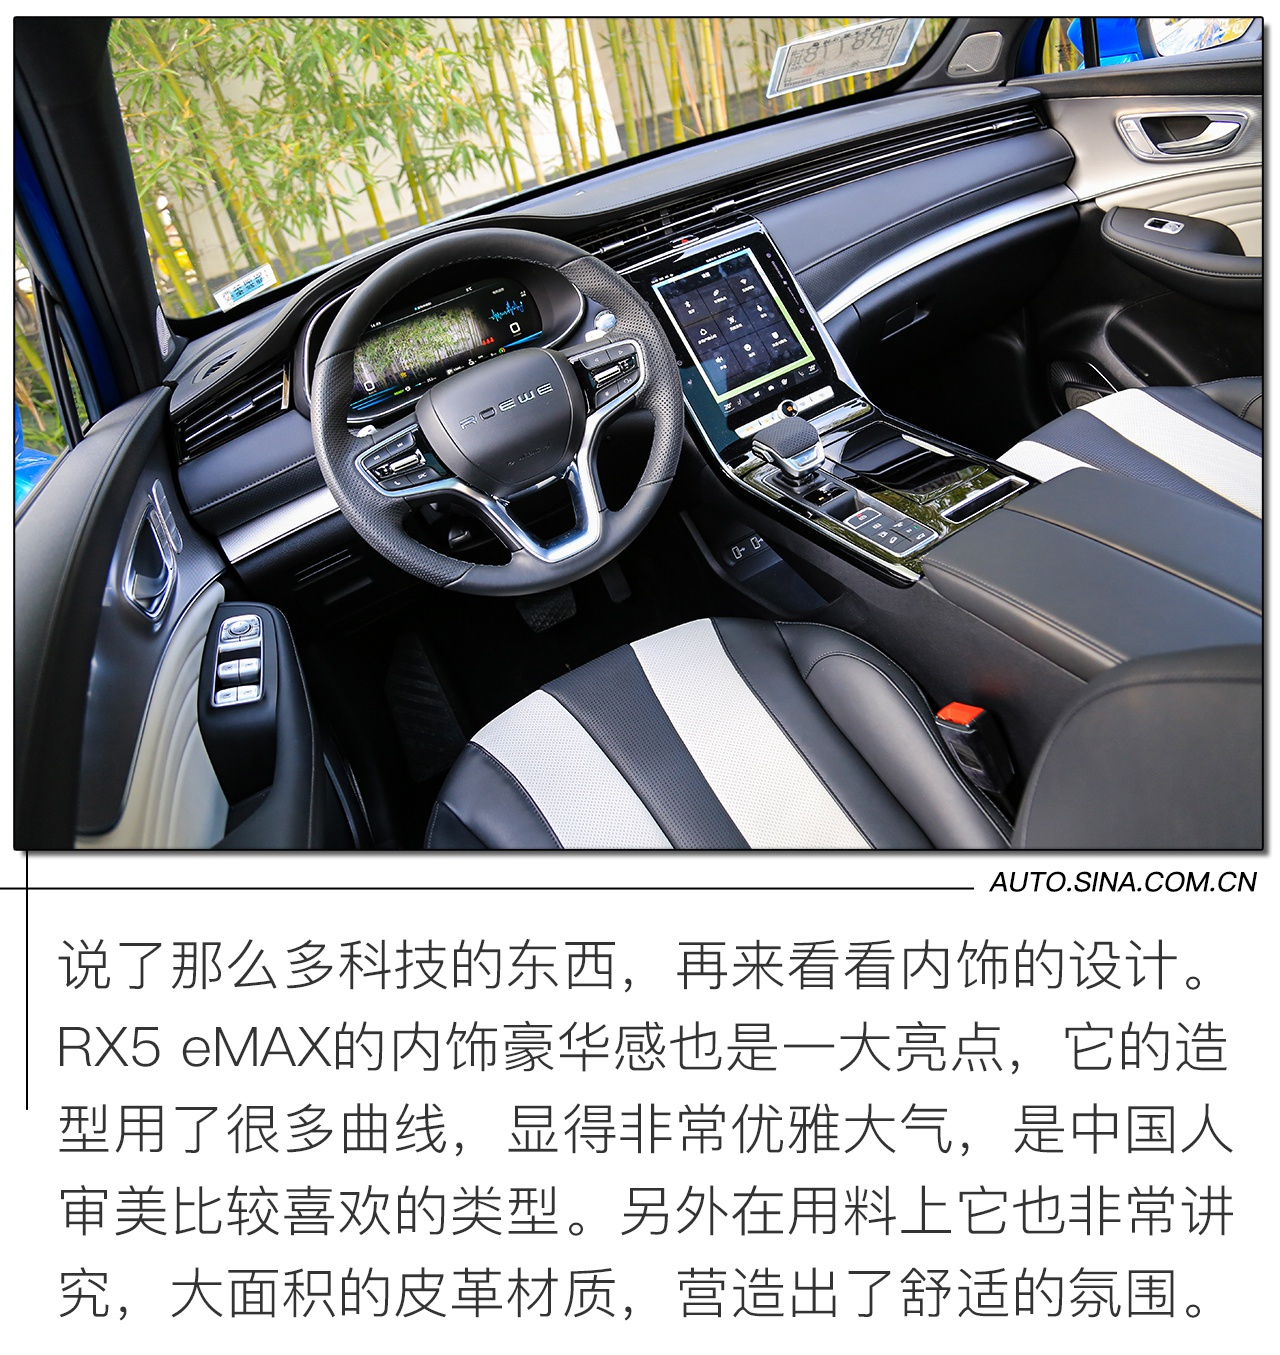 加了电机更好开 试驾荣威RX5 eMAX